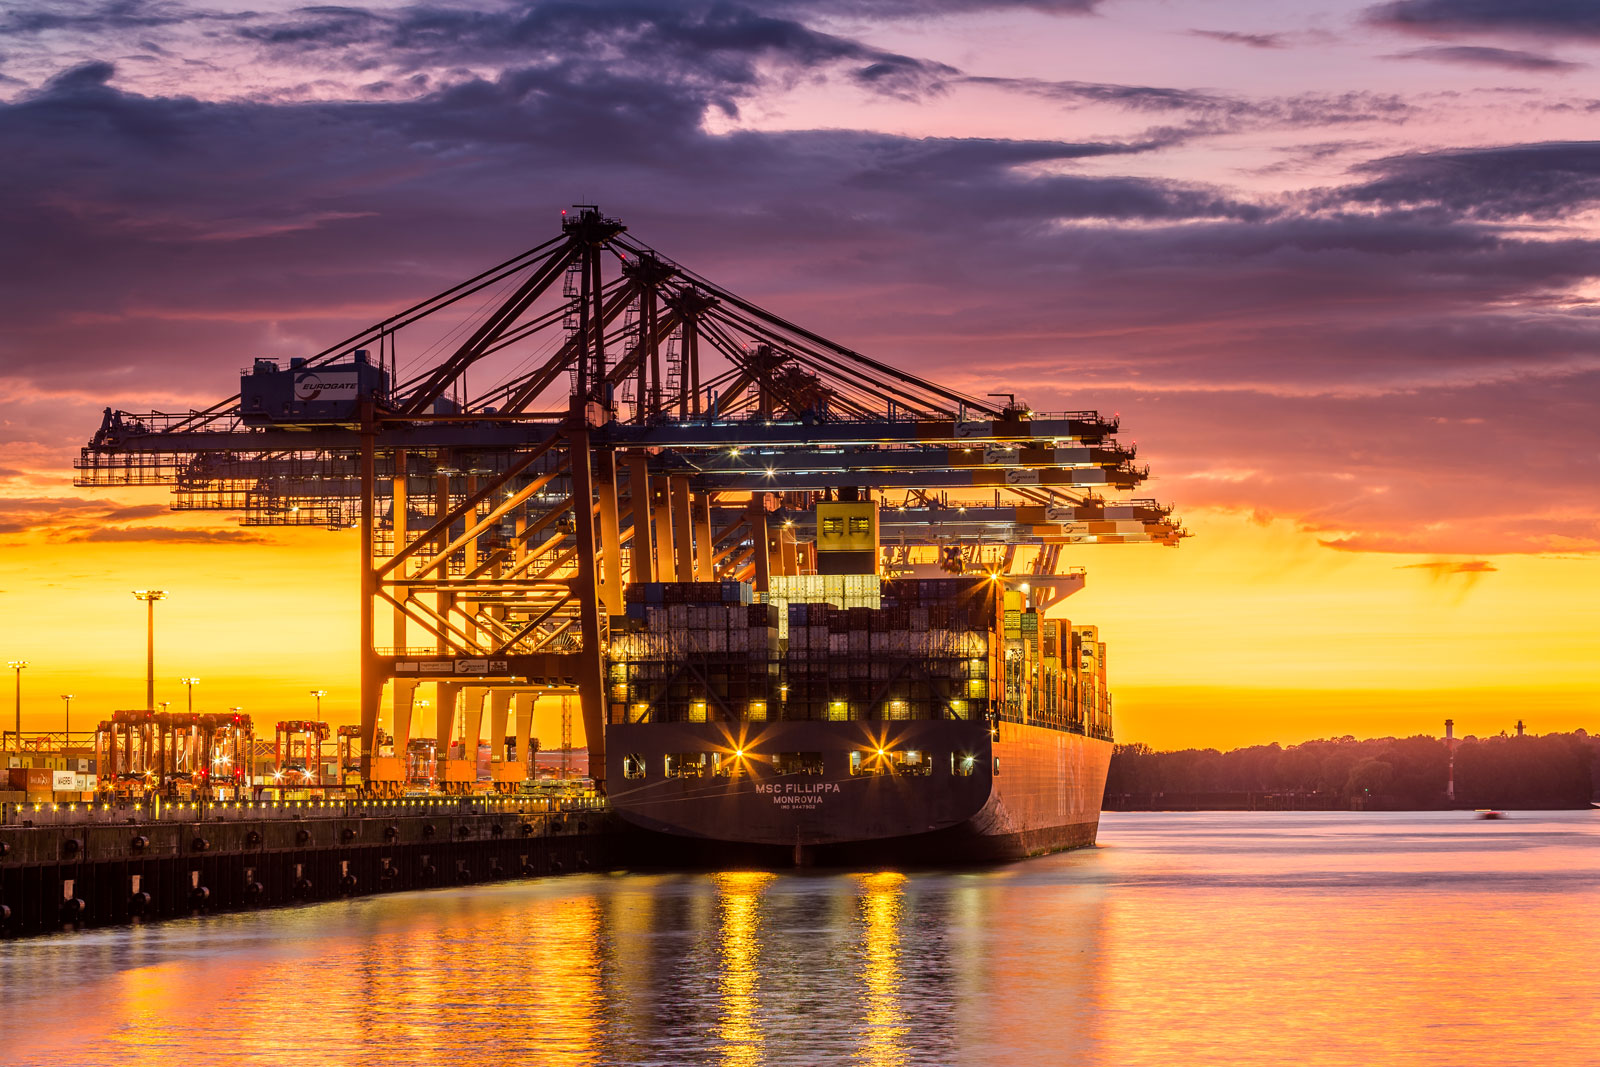 Ein Containerschiff bei Sonnenuntergang im Hamburger hafen